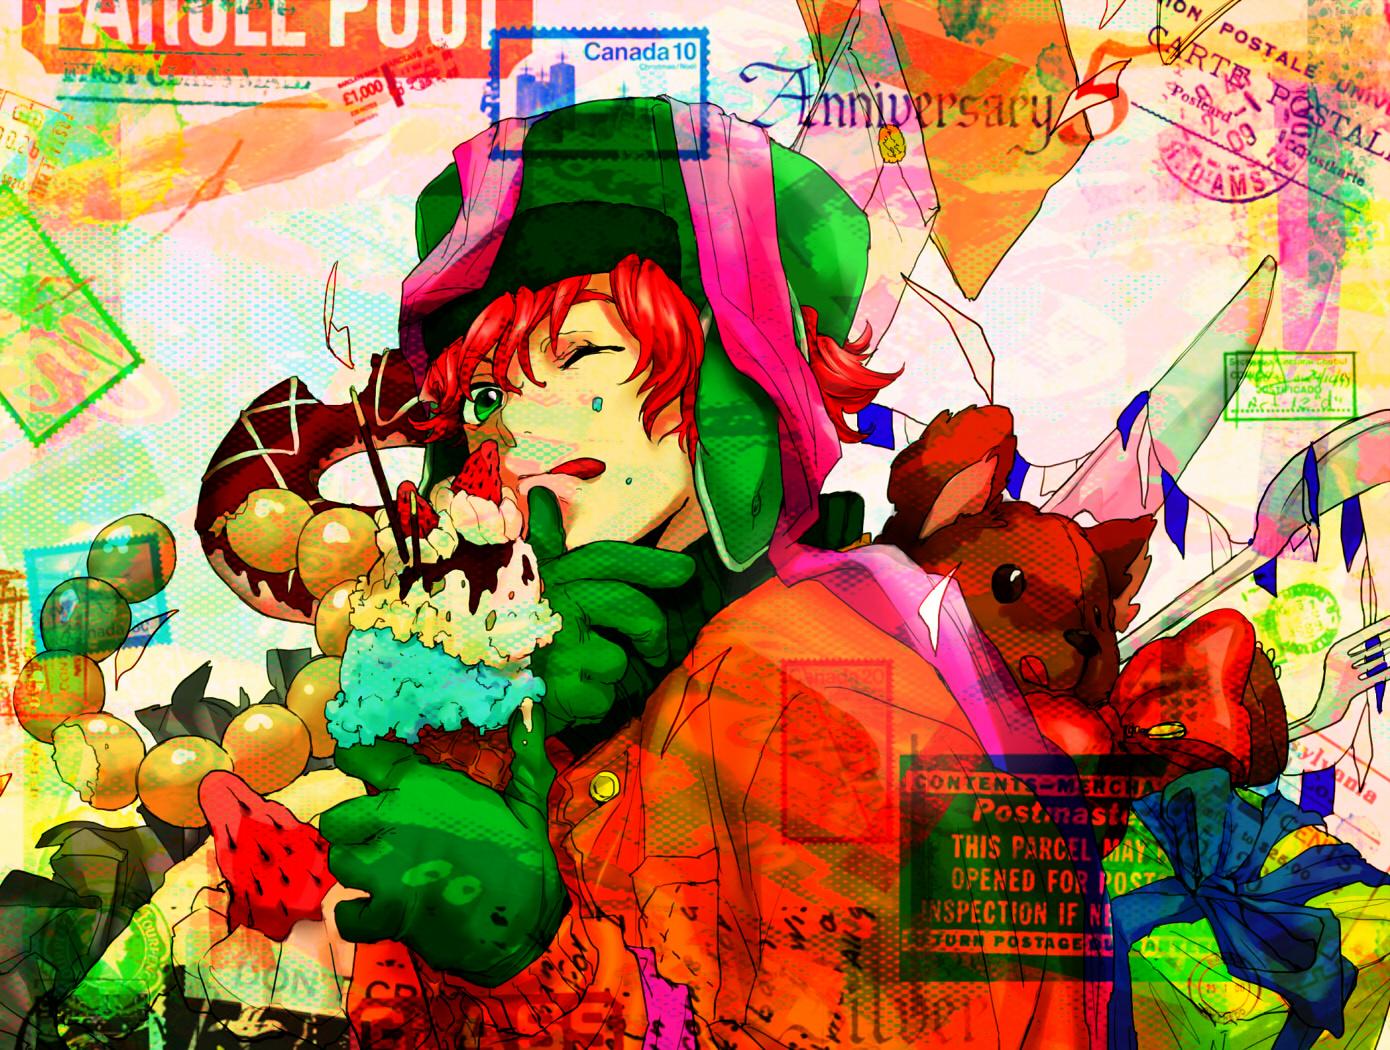 Kyle Broflovski | Anime South Park Wiki | FANDOM powered ...